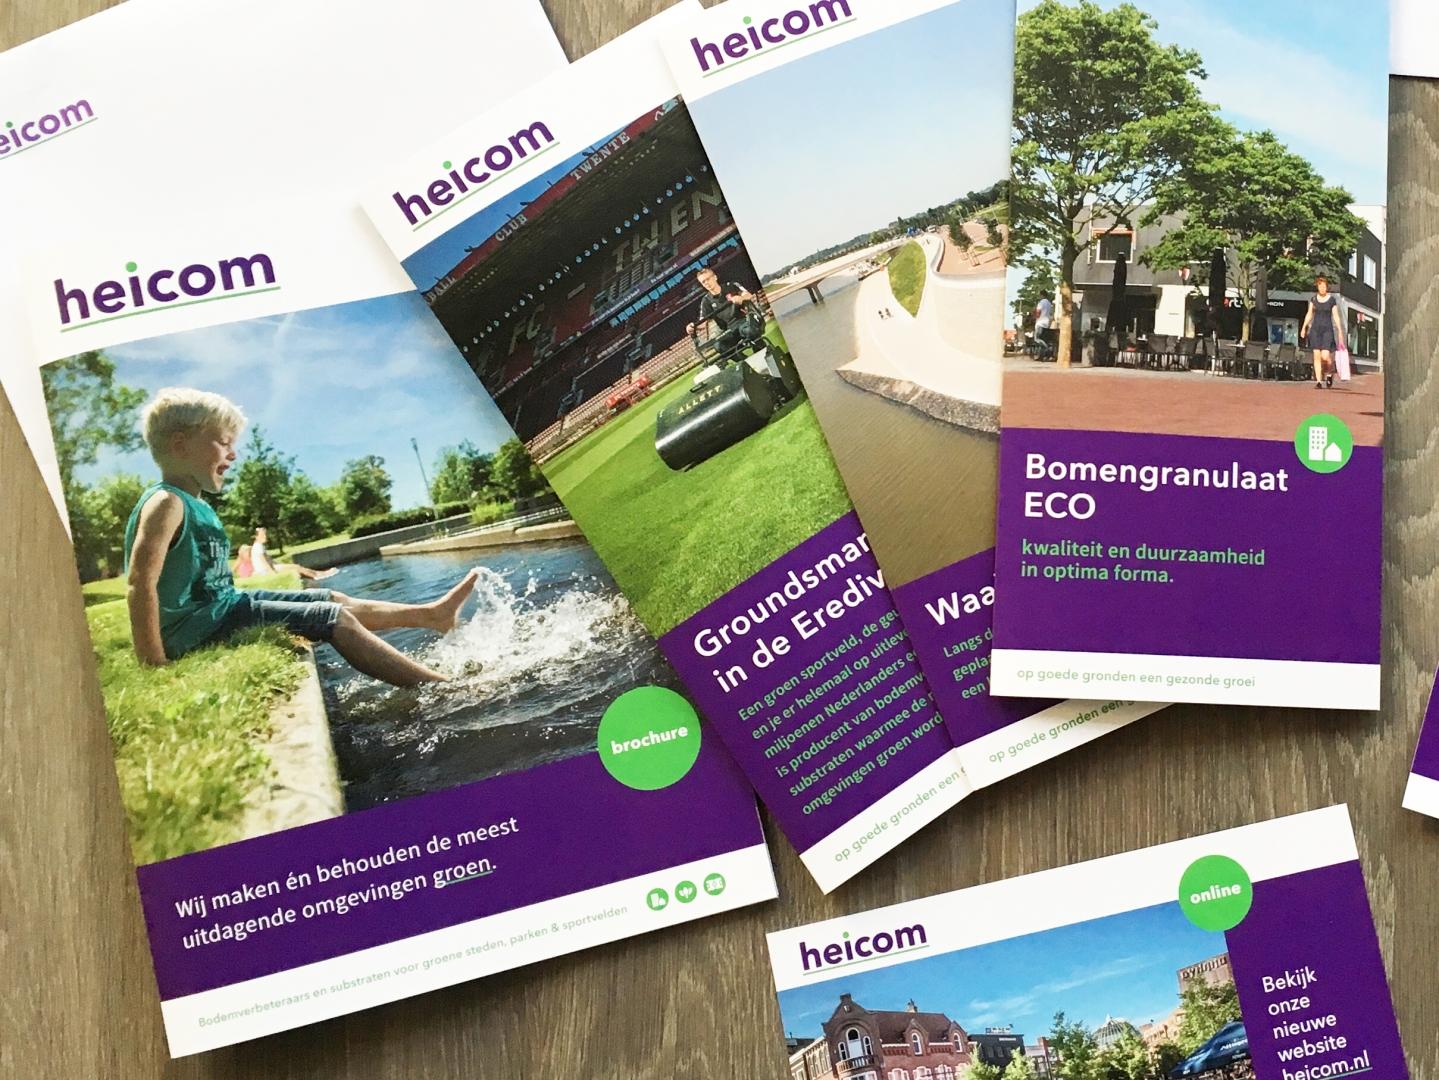 Heicom presenteert nieuwe website en huisstijl